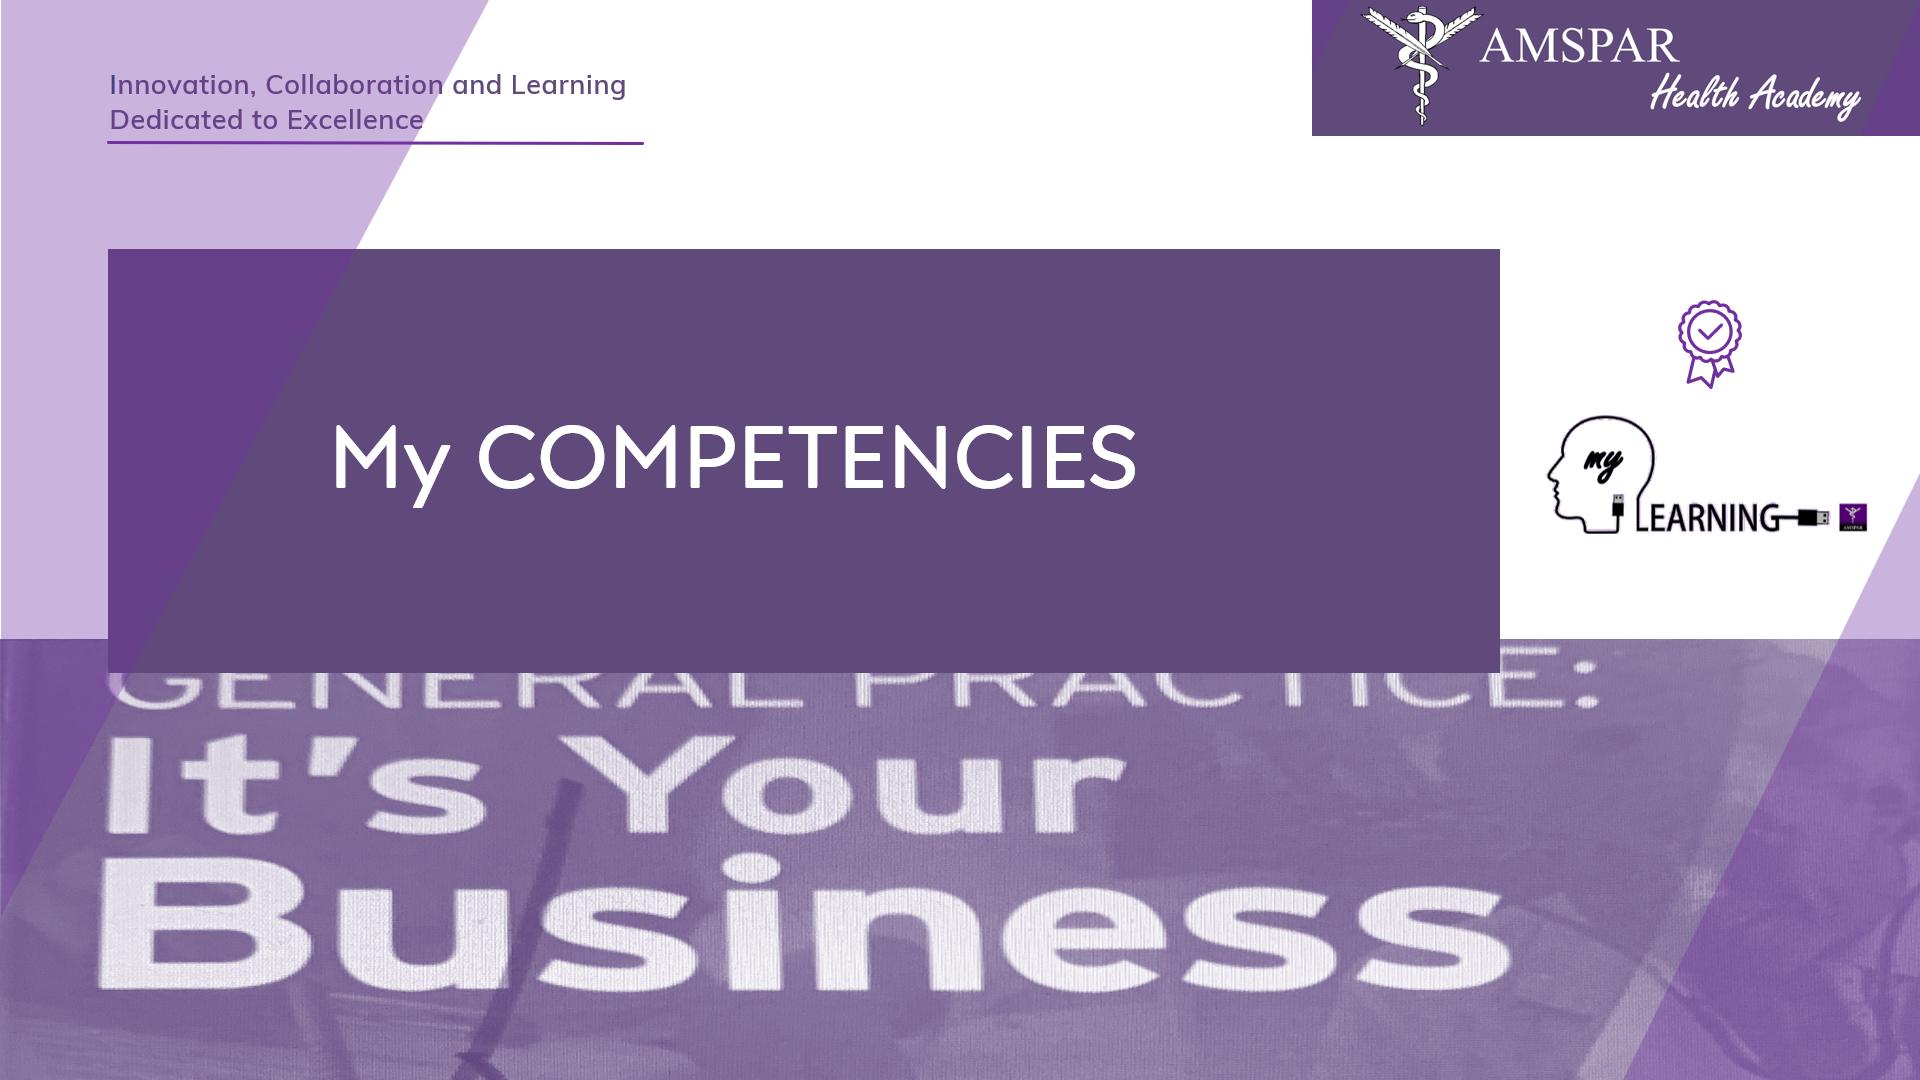 AMSPAR - My Competencies